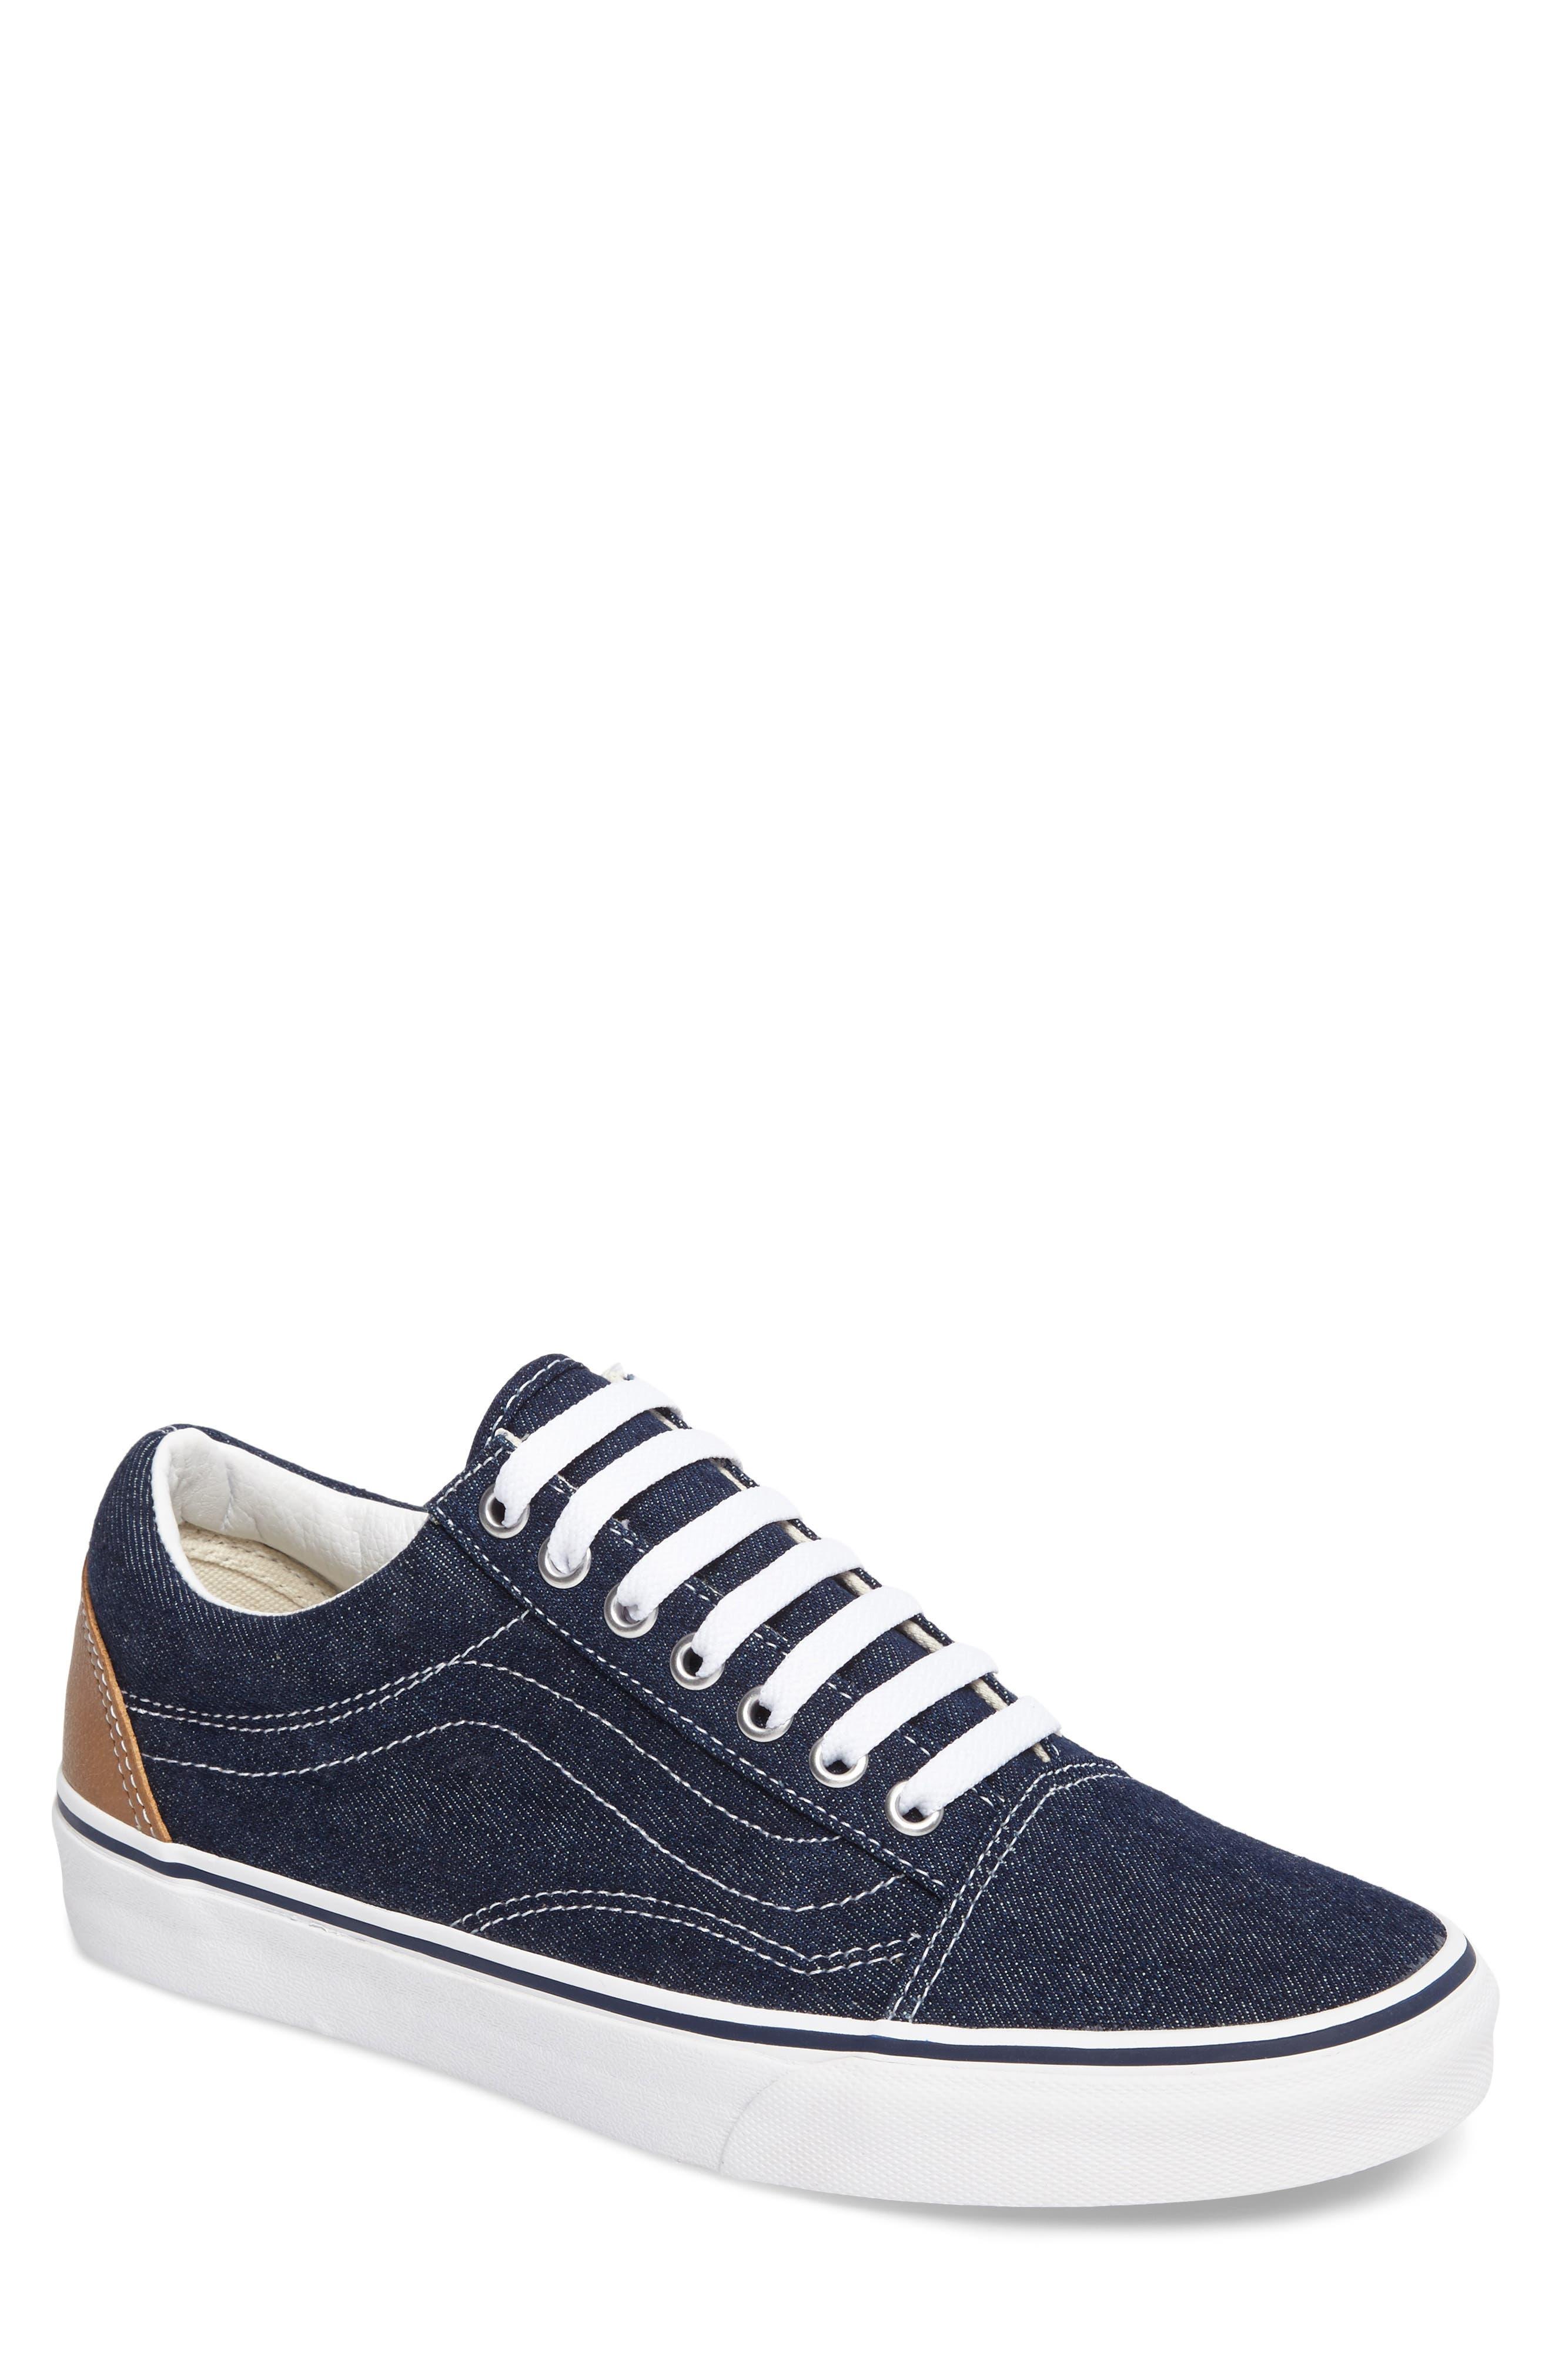 Alternate Image 1 Selected - Vans Old Skool Sneaker (Men)